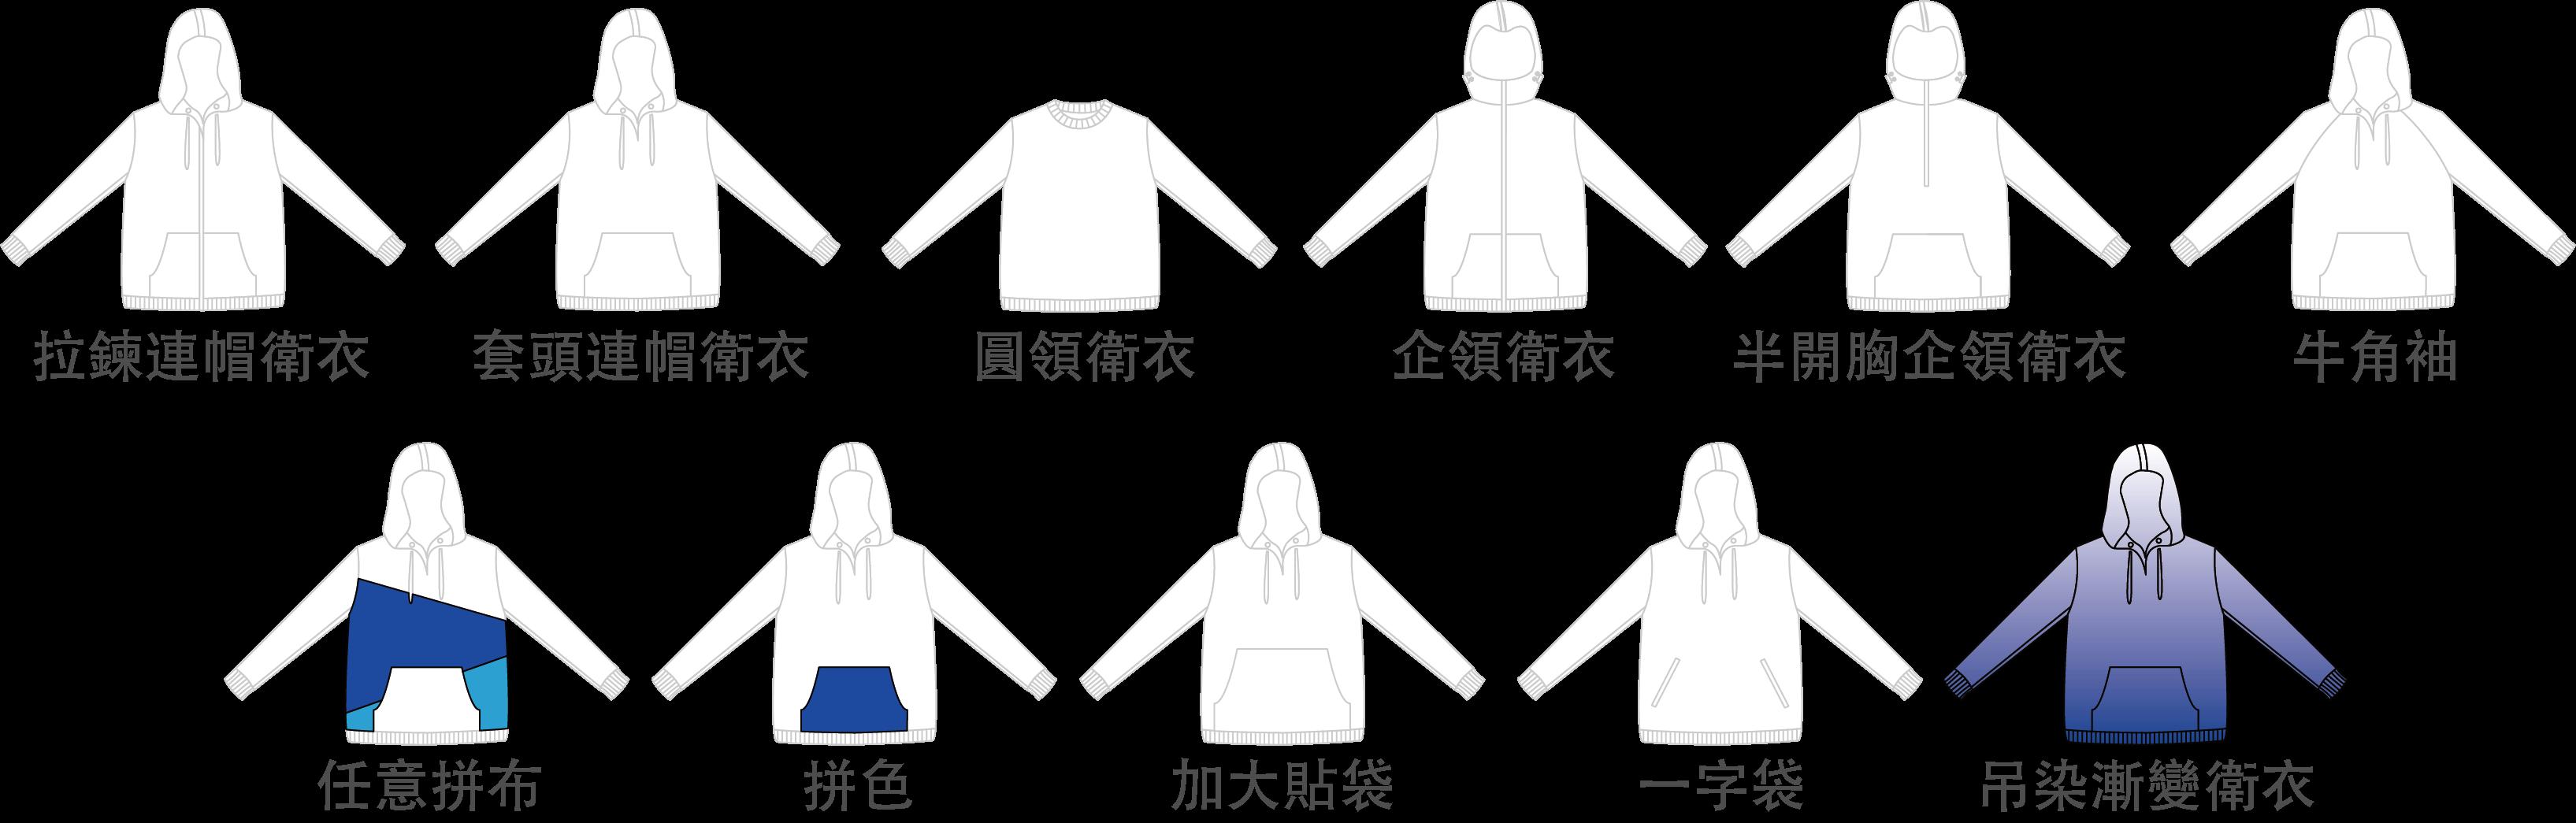 裁布製Sweater款式參考